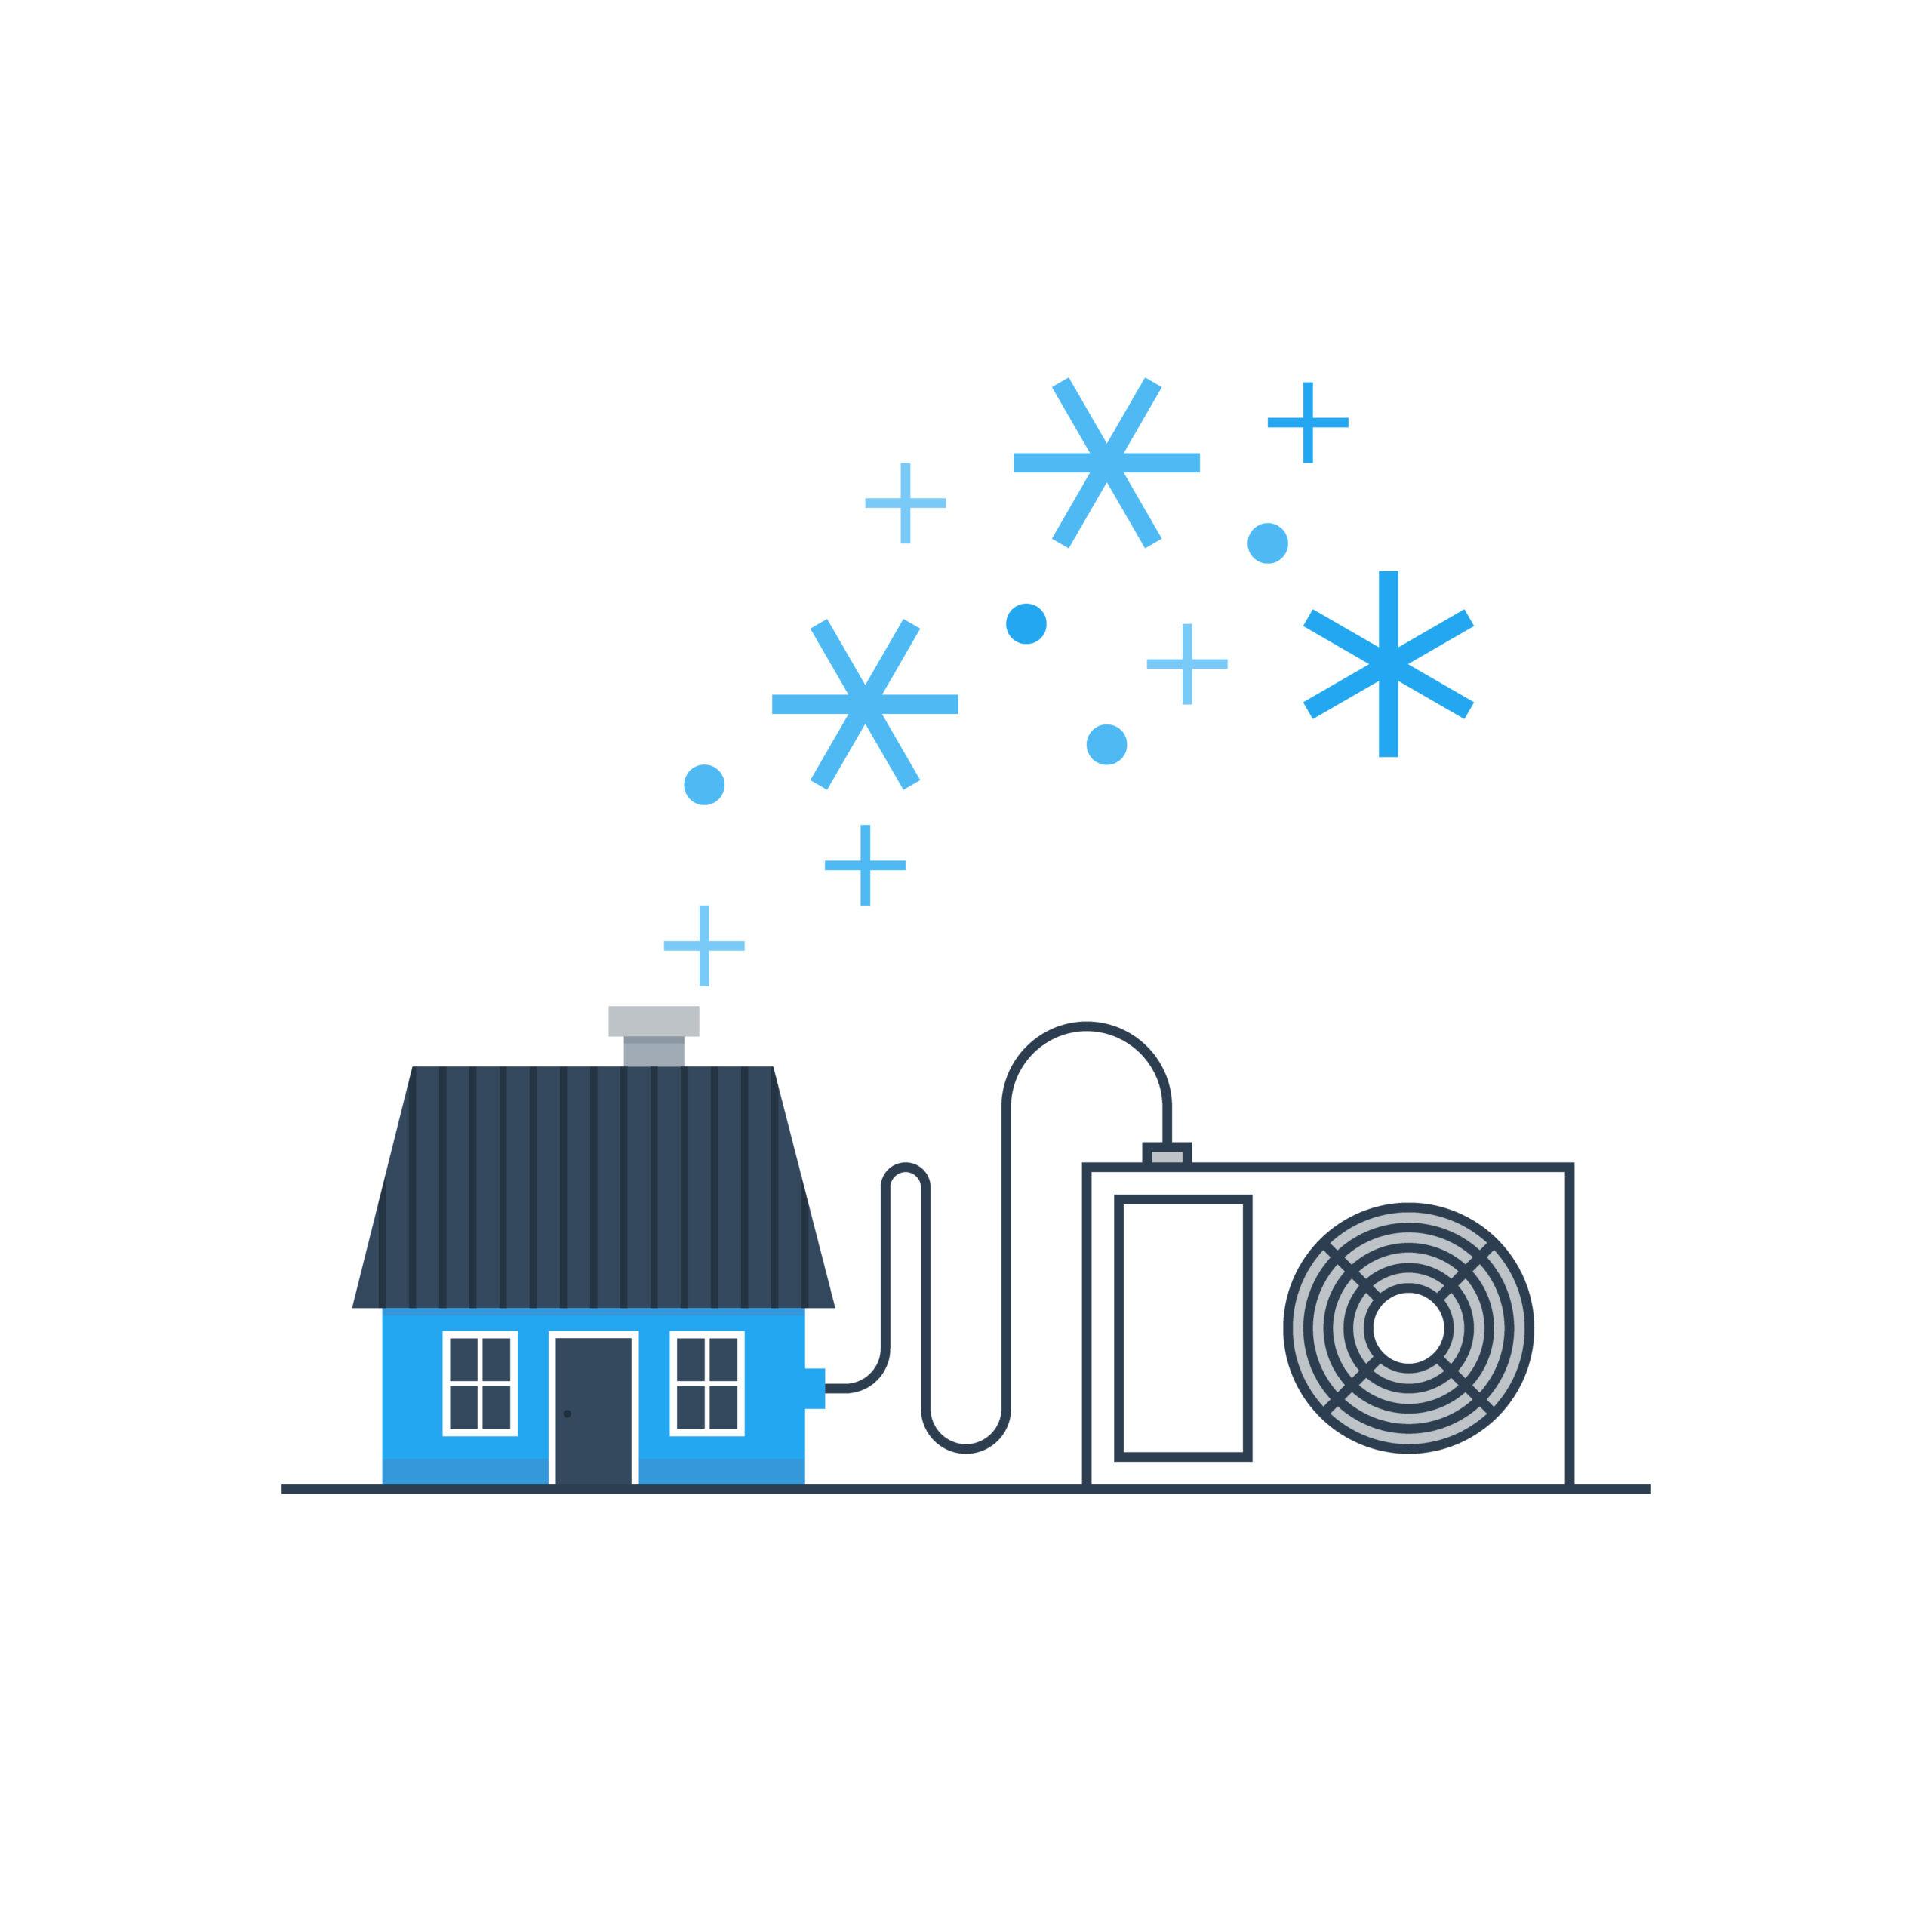 Položky, které potřebujete pro instalaci bez potrubí